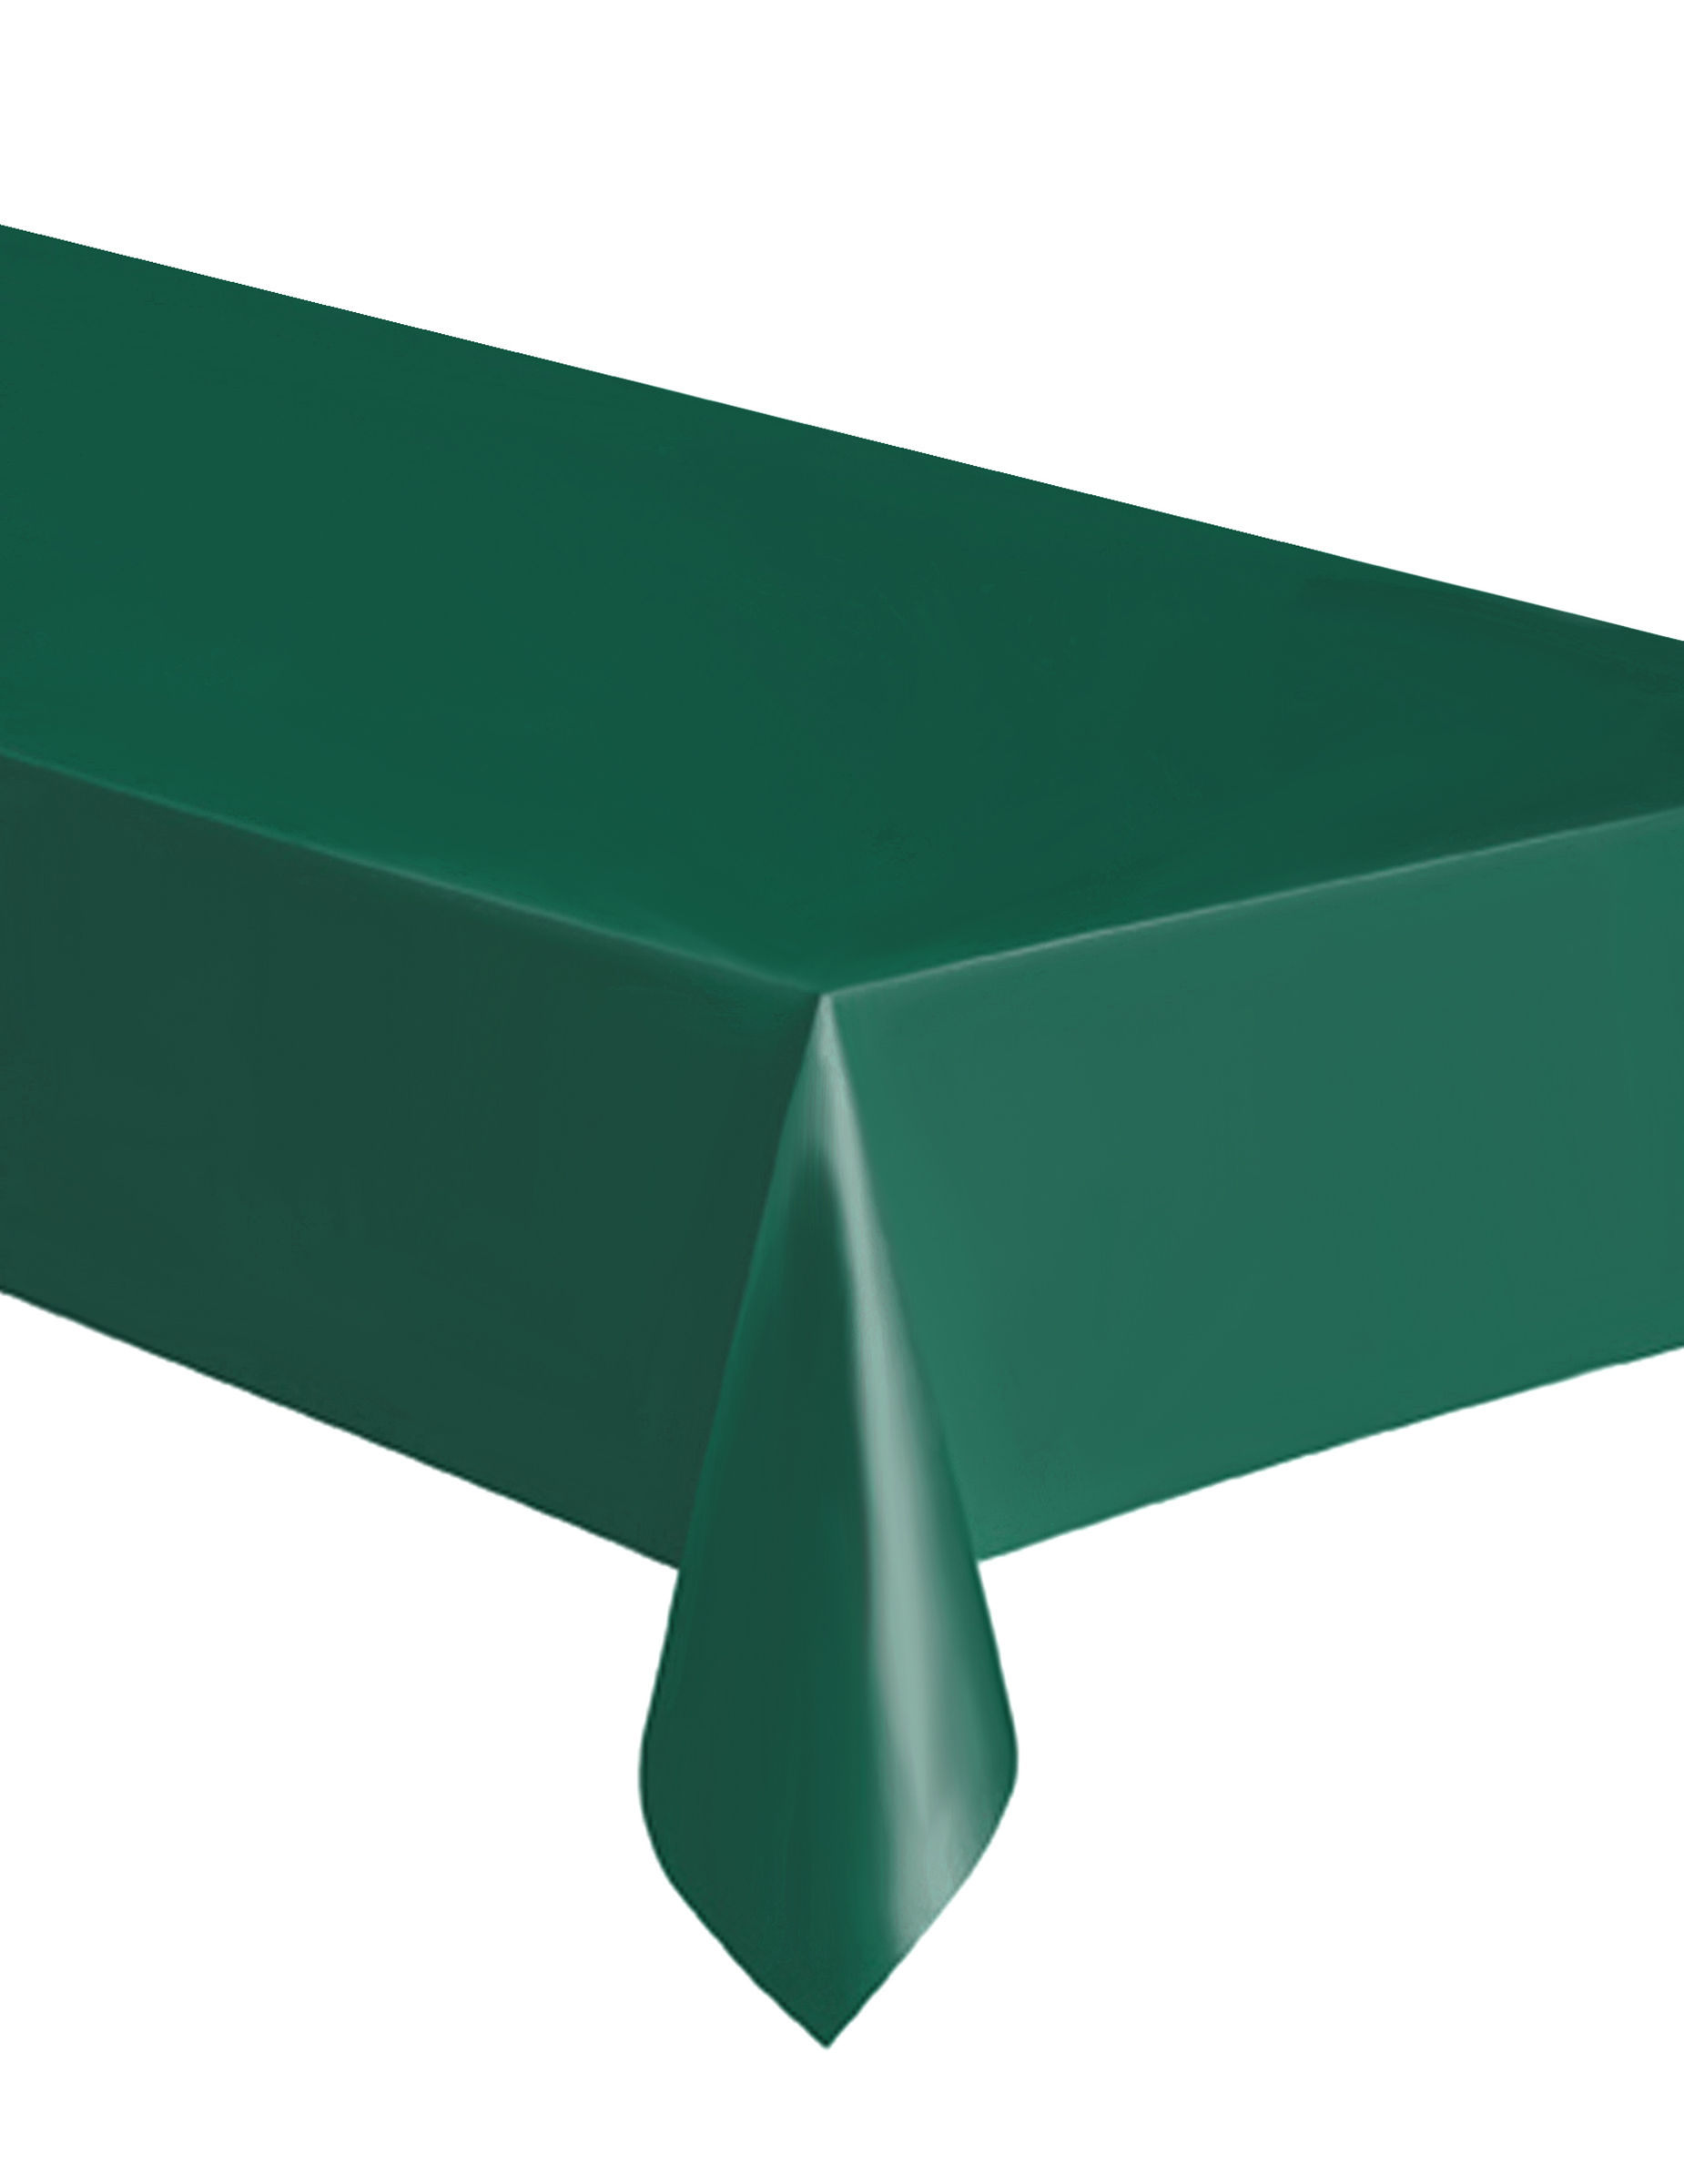 nappe rectangulaire en plastique vert fonc 137 x 274 cm d coration anniversaire et f tes. Black Bedroom Furniture Sets. Home Design Ideas